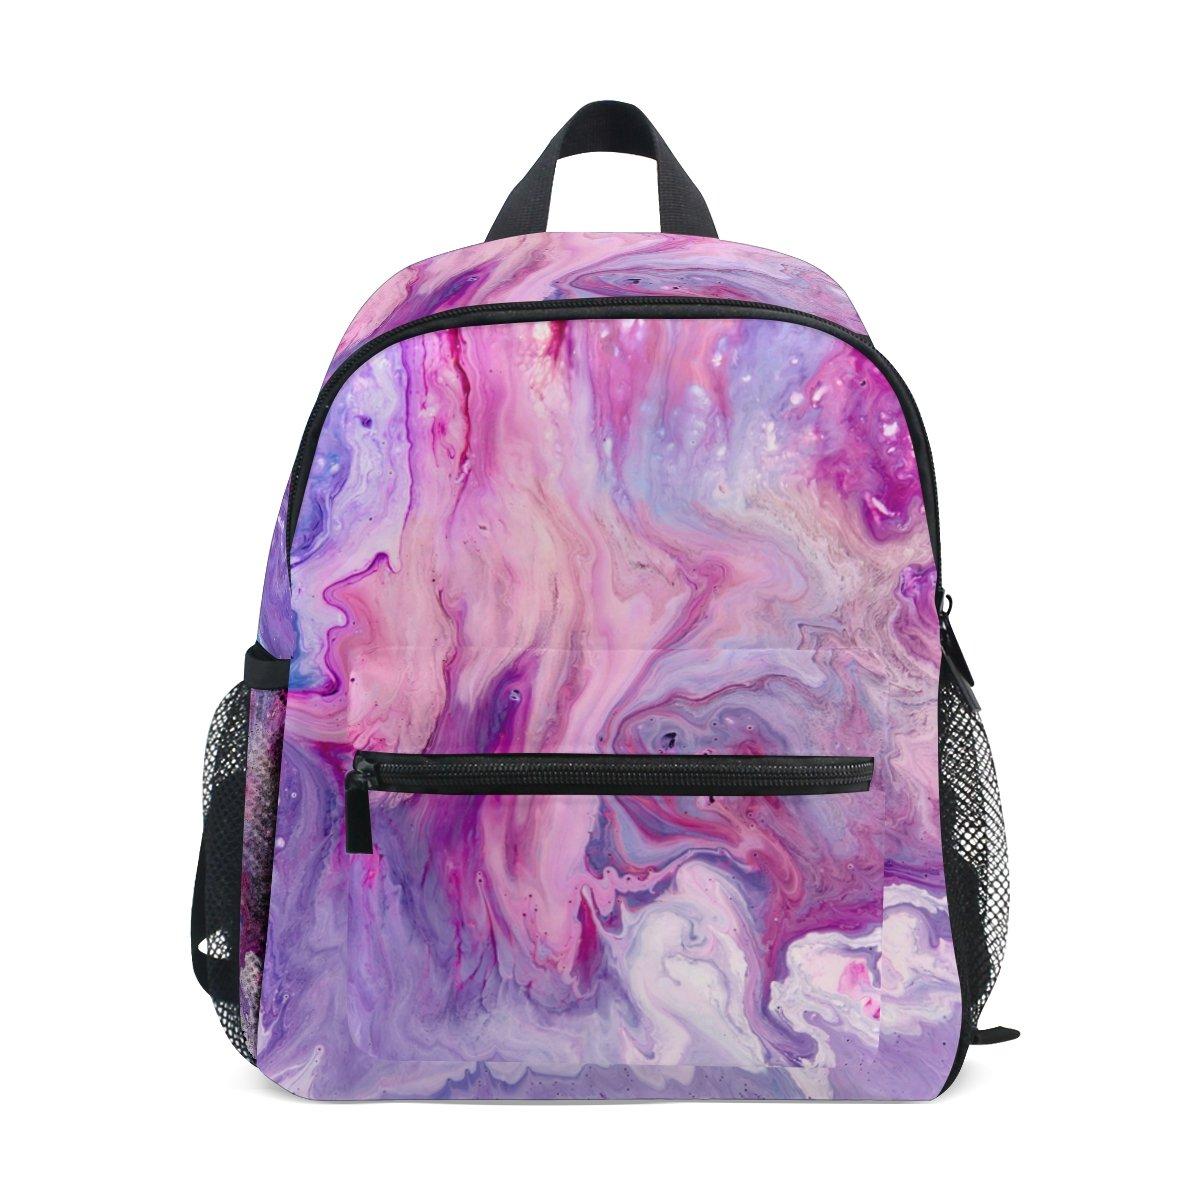 スクールバックパックバッグ 抽象パープル ピンク マーブル 子供 女の子 男の子用 B07F2GHDYW